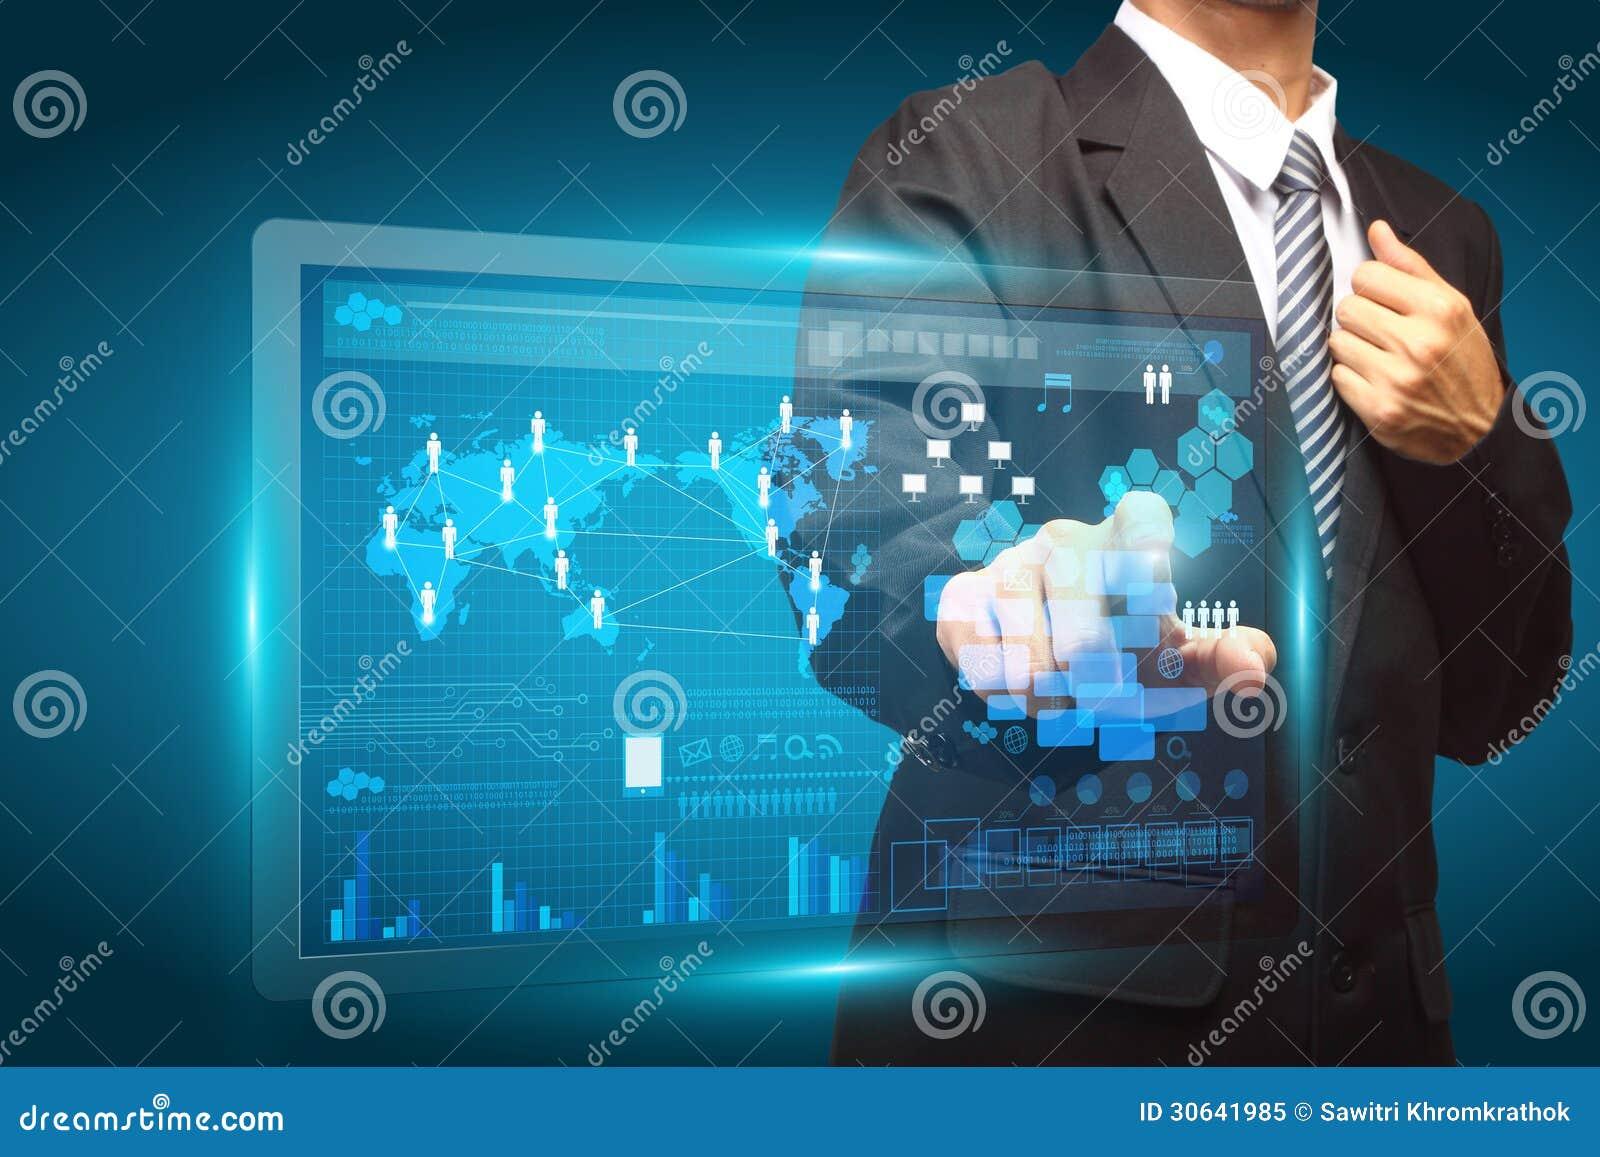 Entregue a empurrão de um botão em uma relação do ecrã táctil